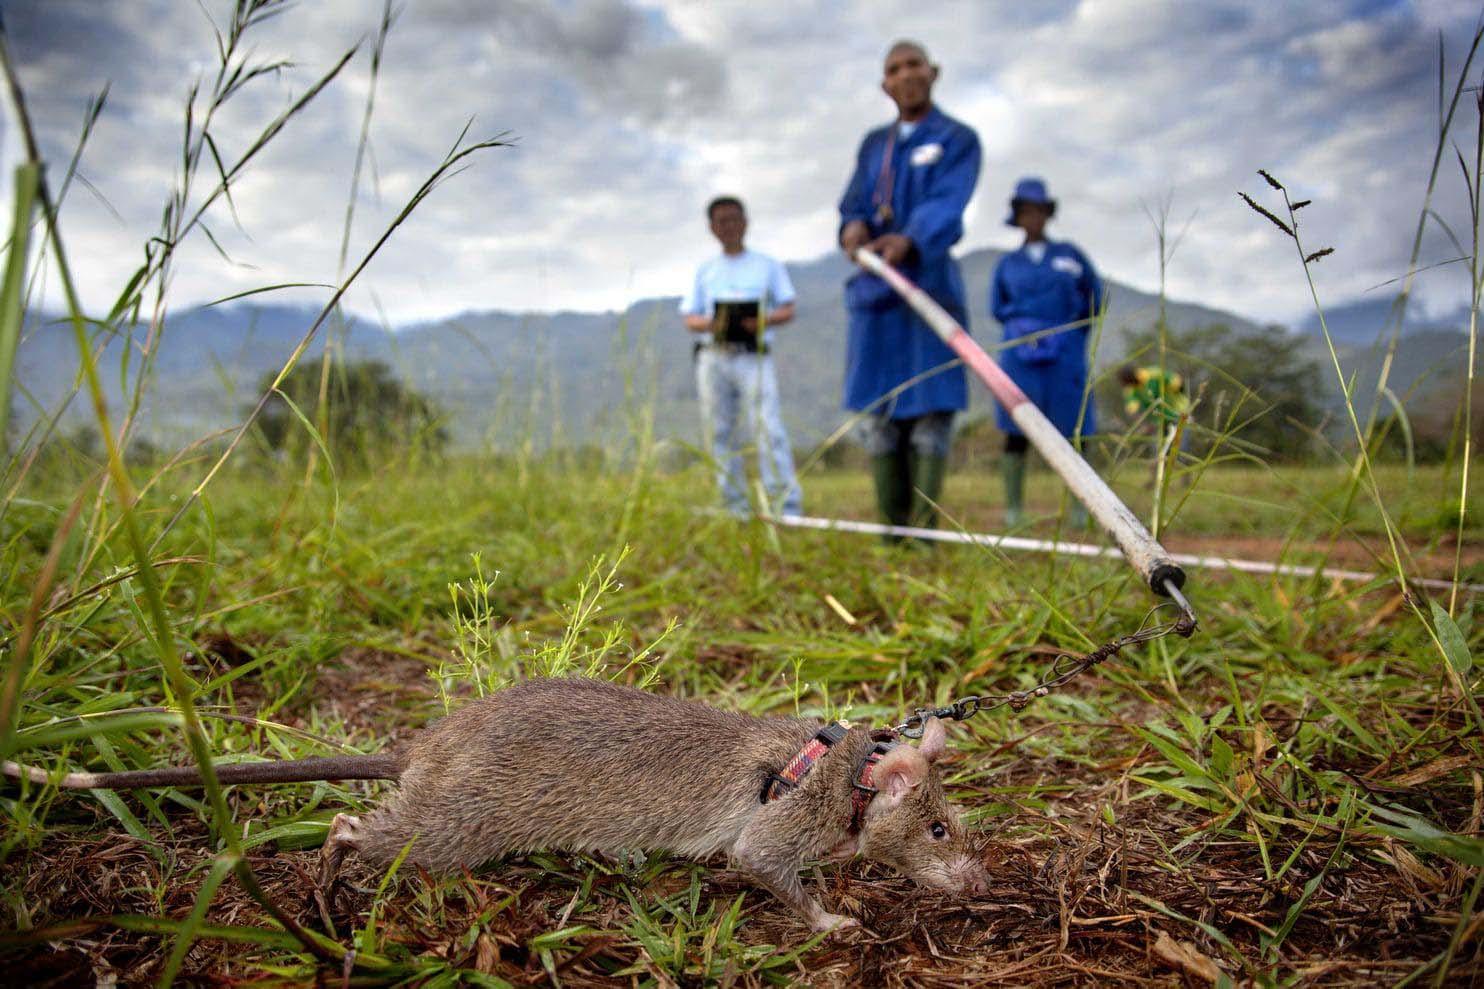 Una rata africana mientras su entrenamiento para detectar minas terrestres (The Washington Post / Cortesía de APOPO)